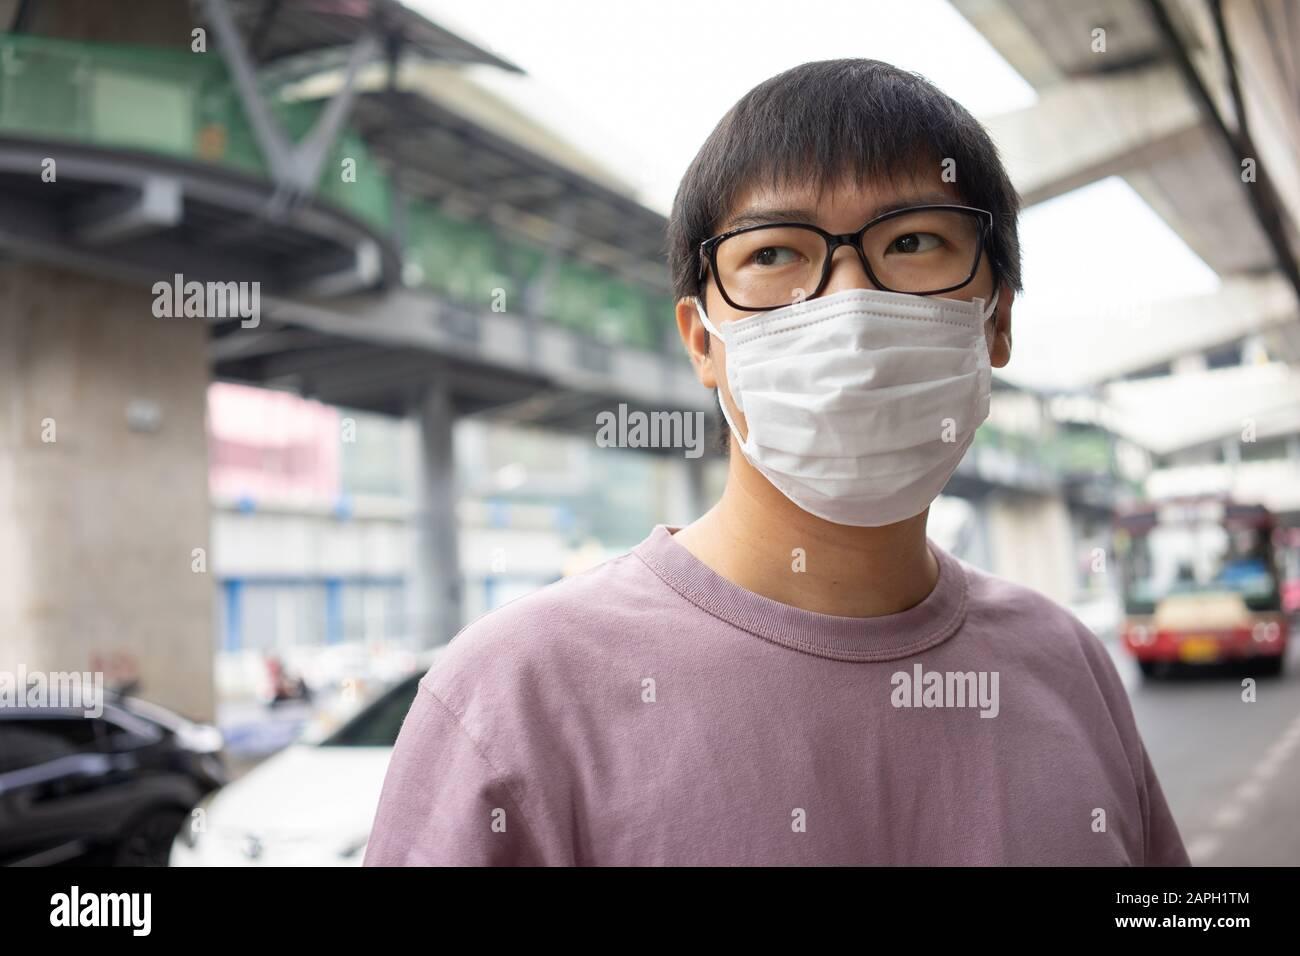 air face mask n95